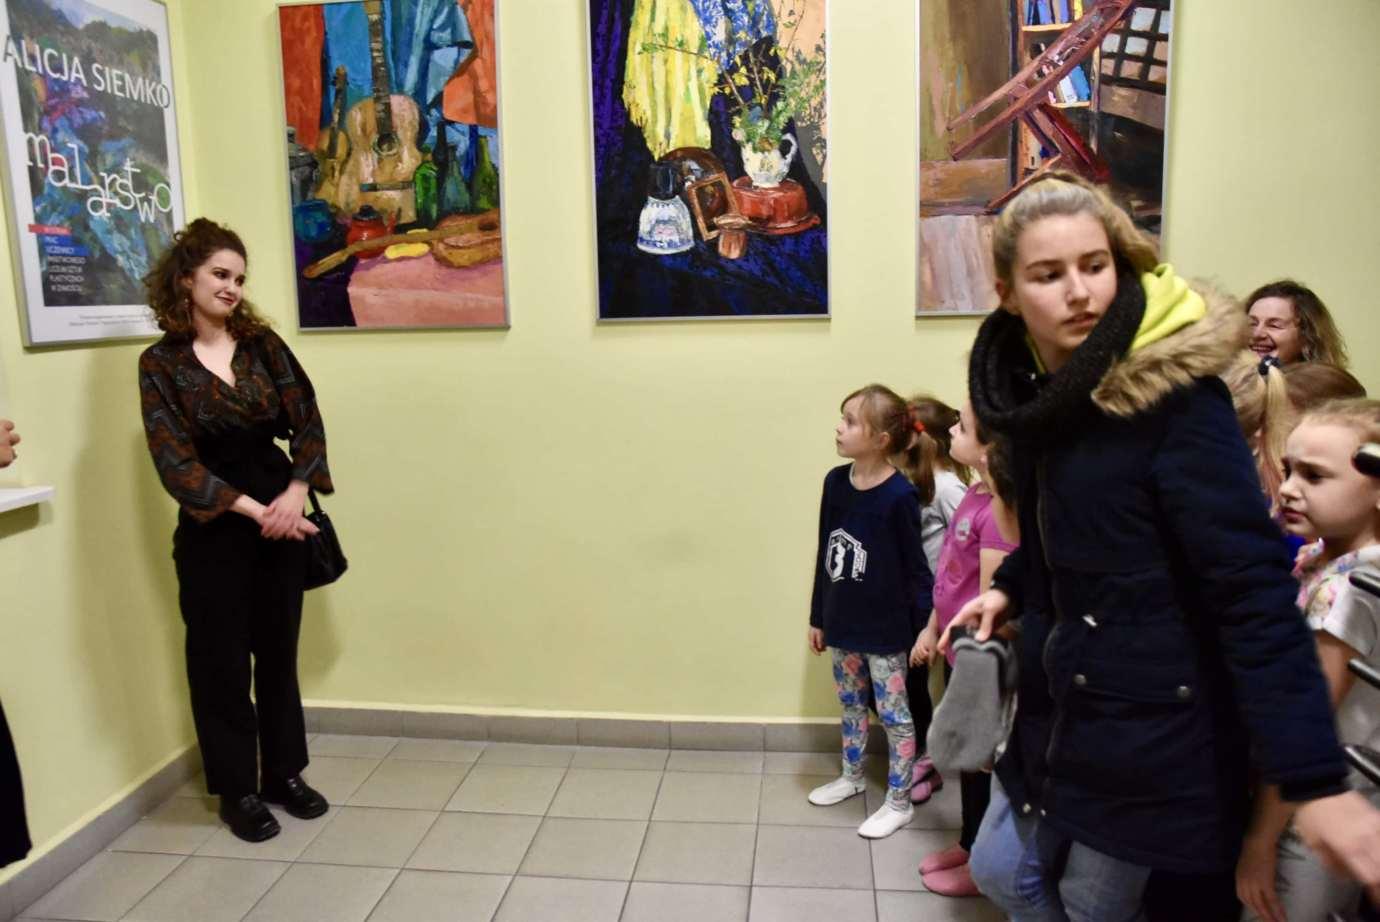 dsc 2546 Wernisaż malarstwa Alicji Siemko (fotorelacja)